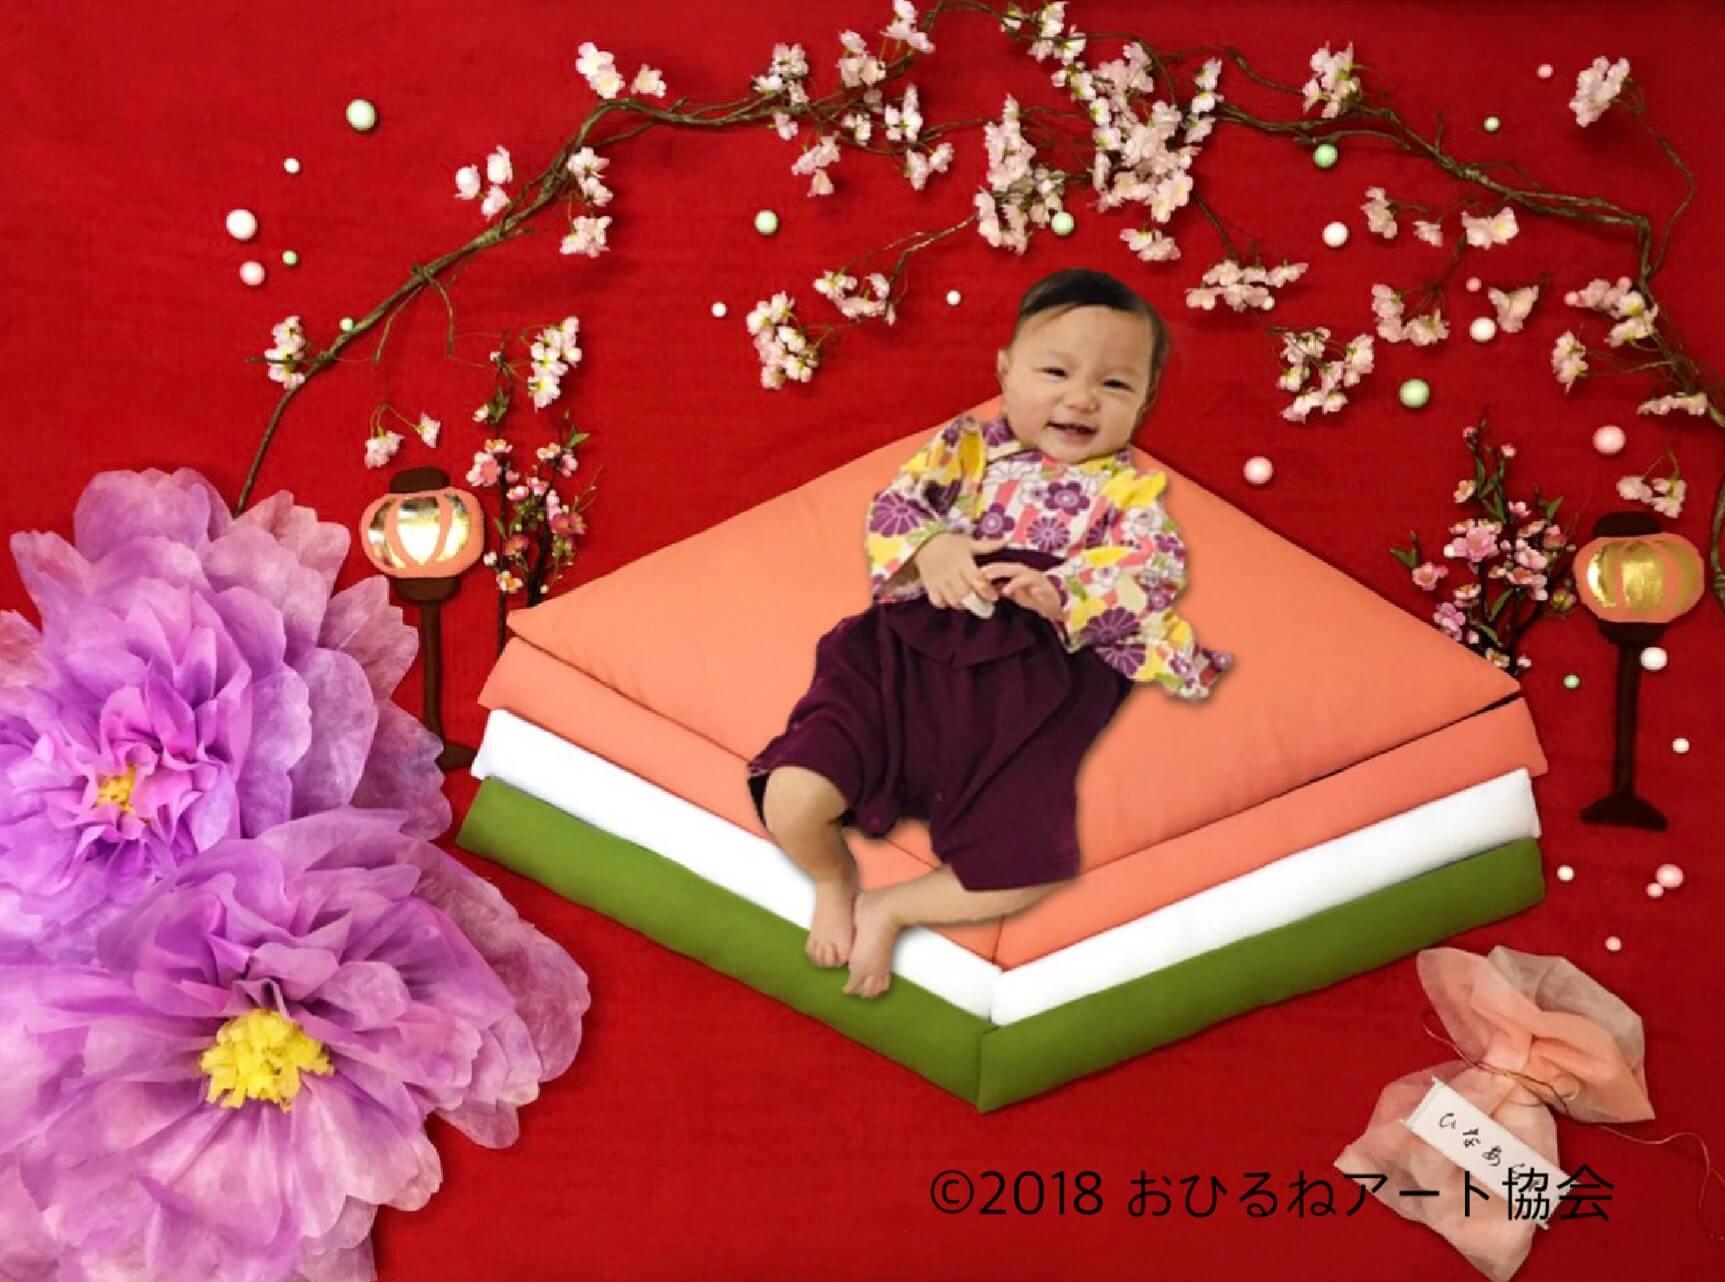 おひるねアート ひな祭り 桜 お雛様 土浦 茨城 イオンモール